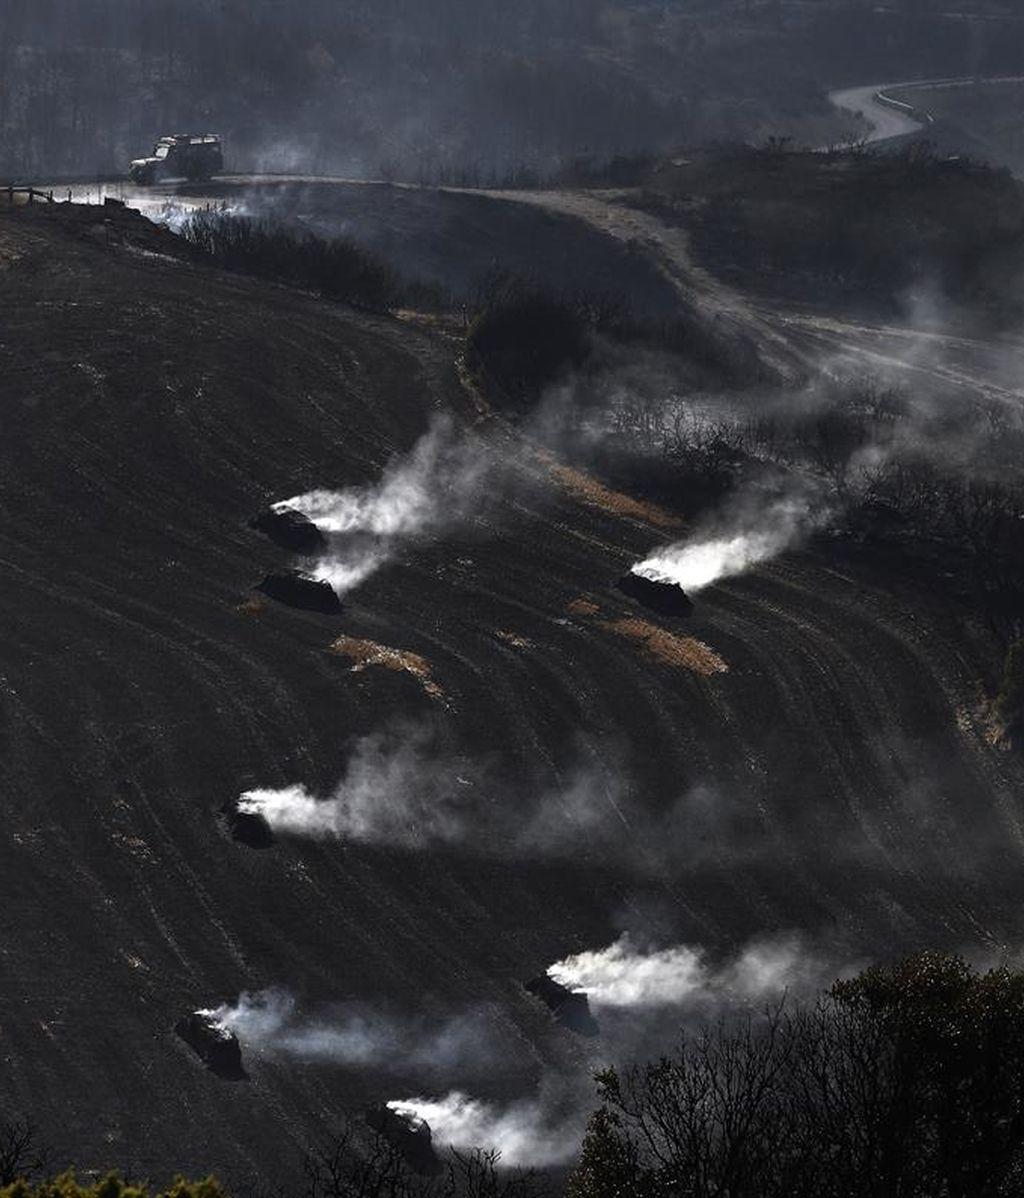 Incendio en Tafalla, Navarra, que afecta a cerca de 3.000 hectáreas